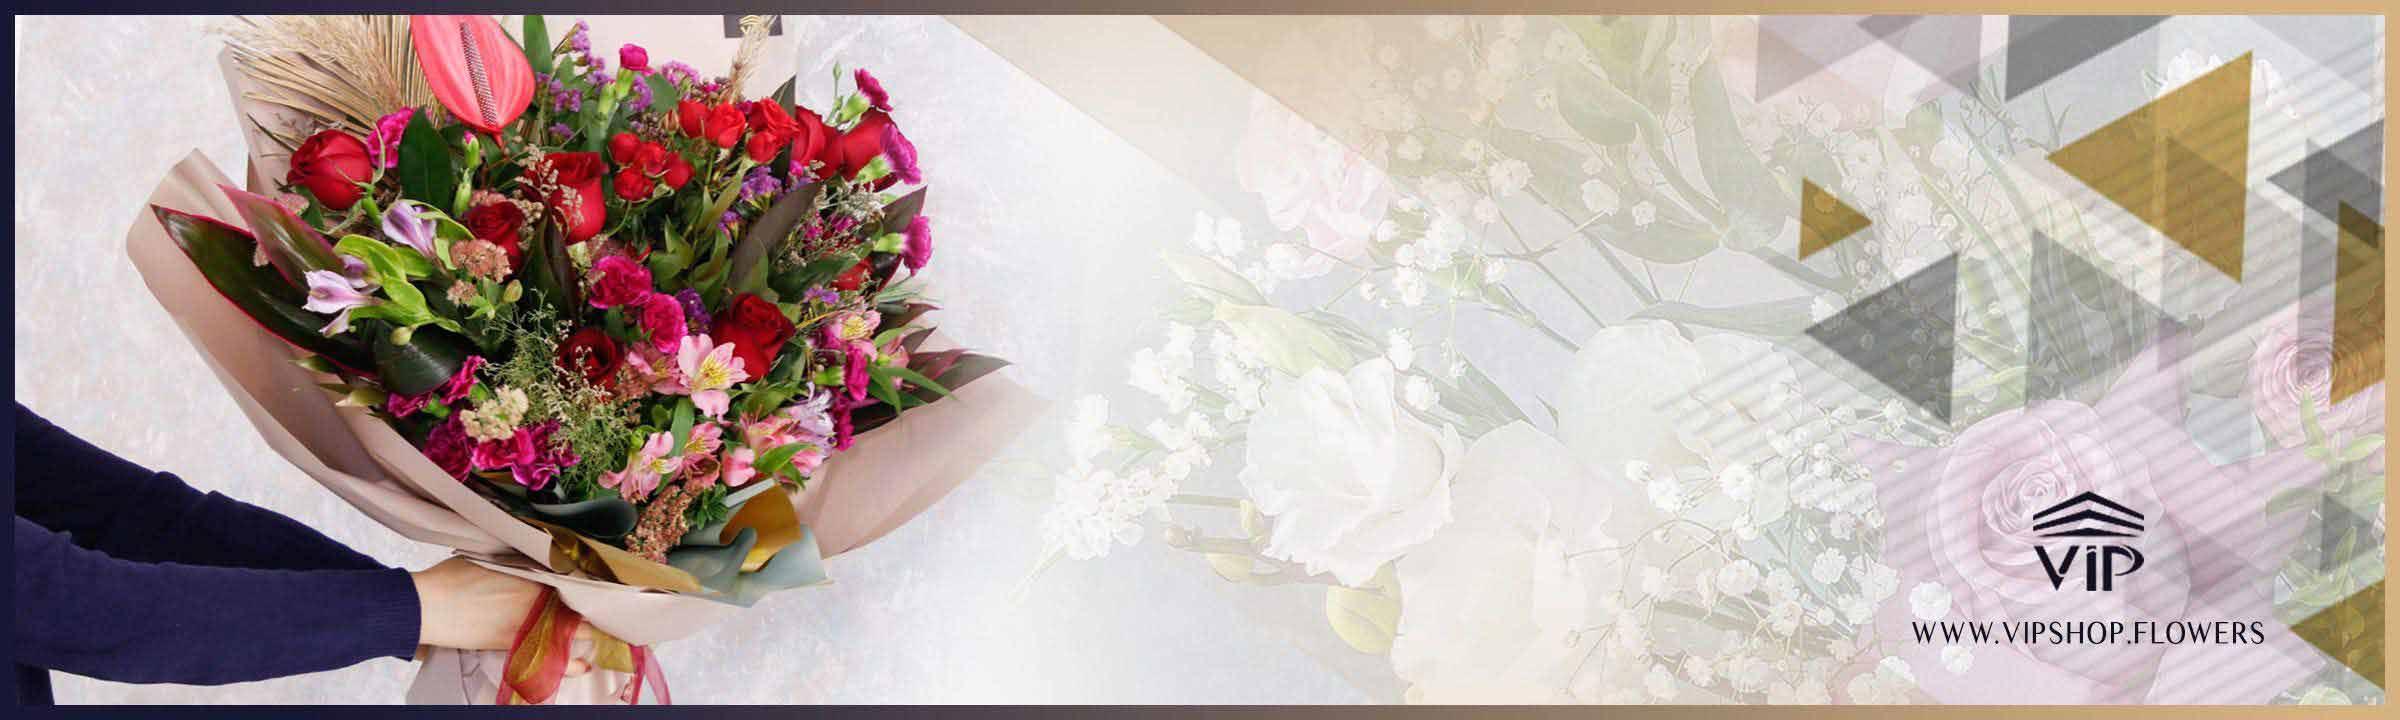 دسته گل - گلفروشی آنلاین VIP Shop